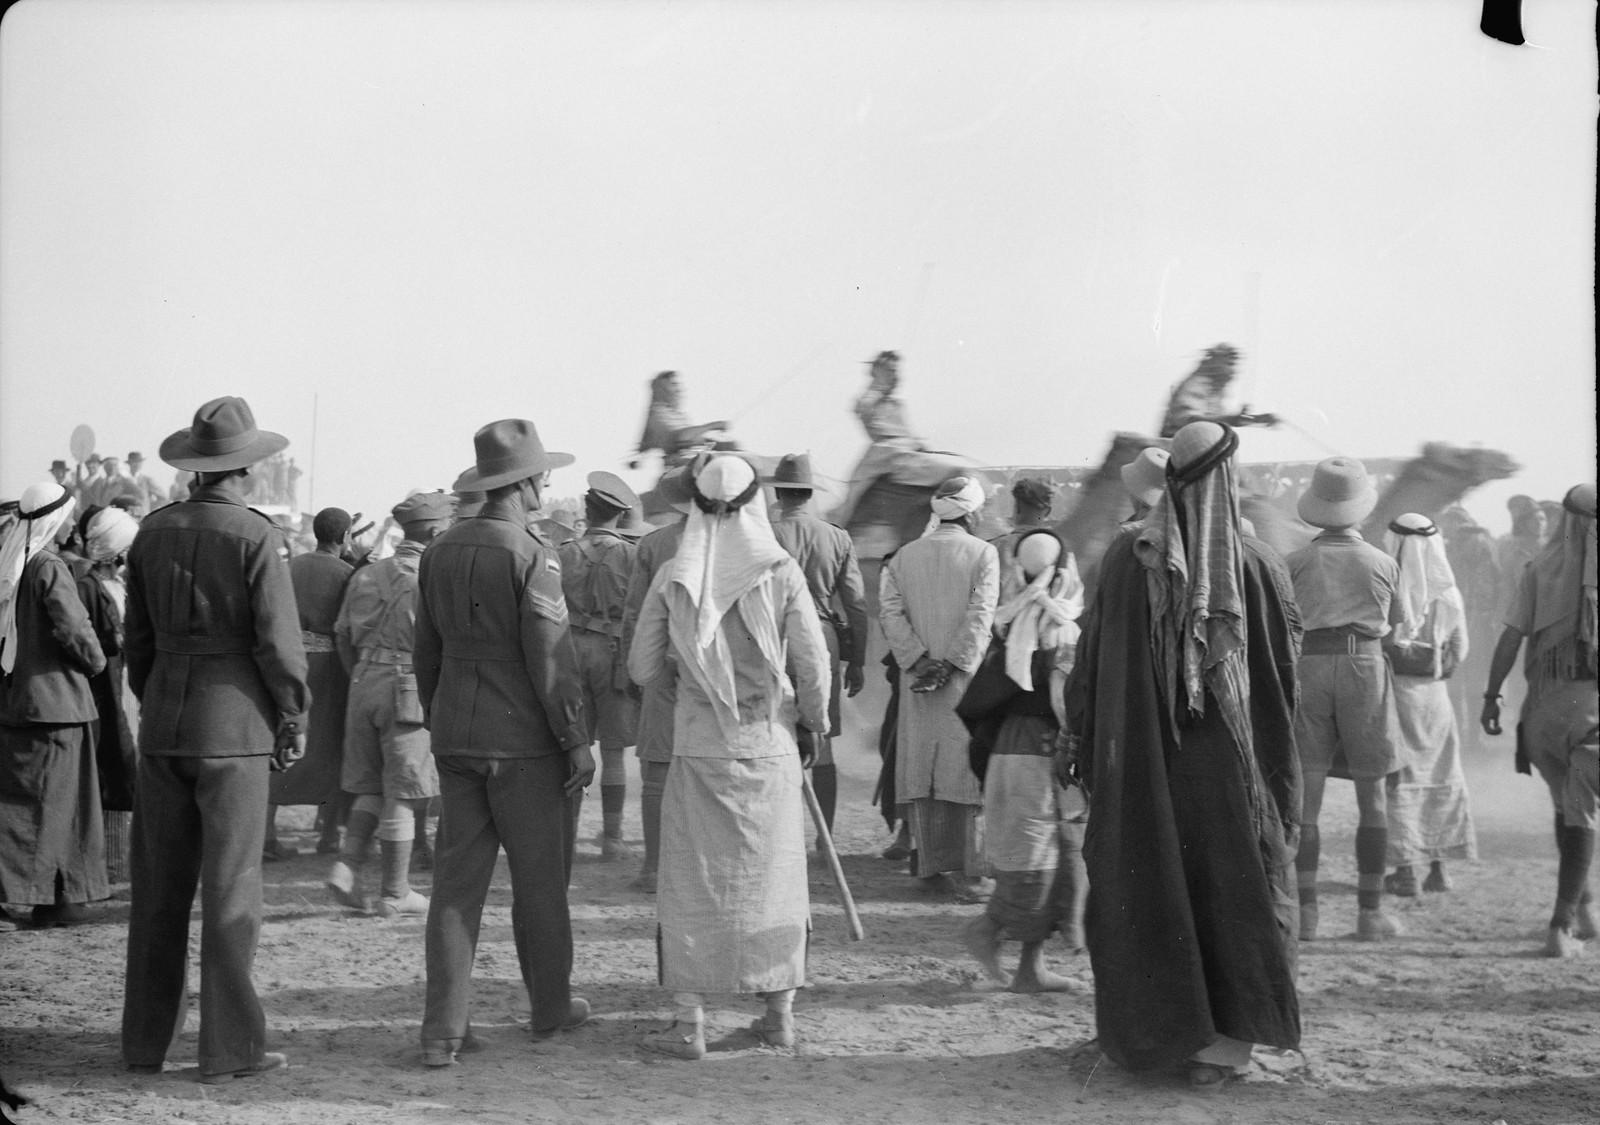 33. Гонка на верблюдах идёт полным ходом, возбужденная толпа следит за скачками